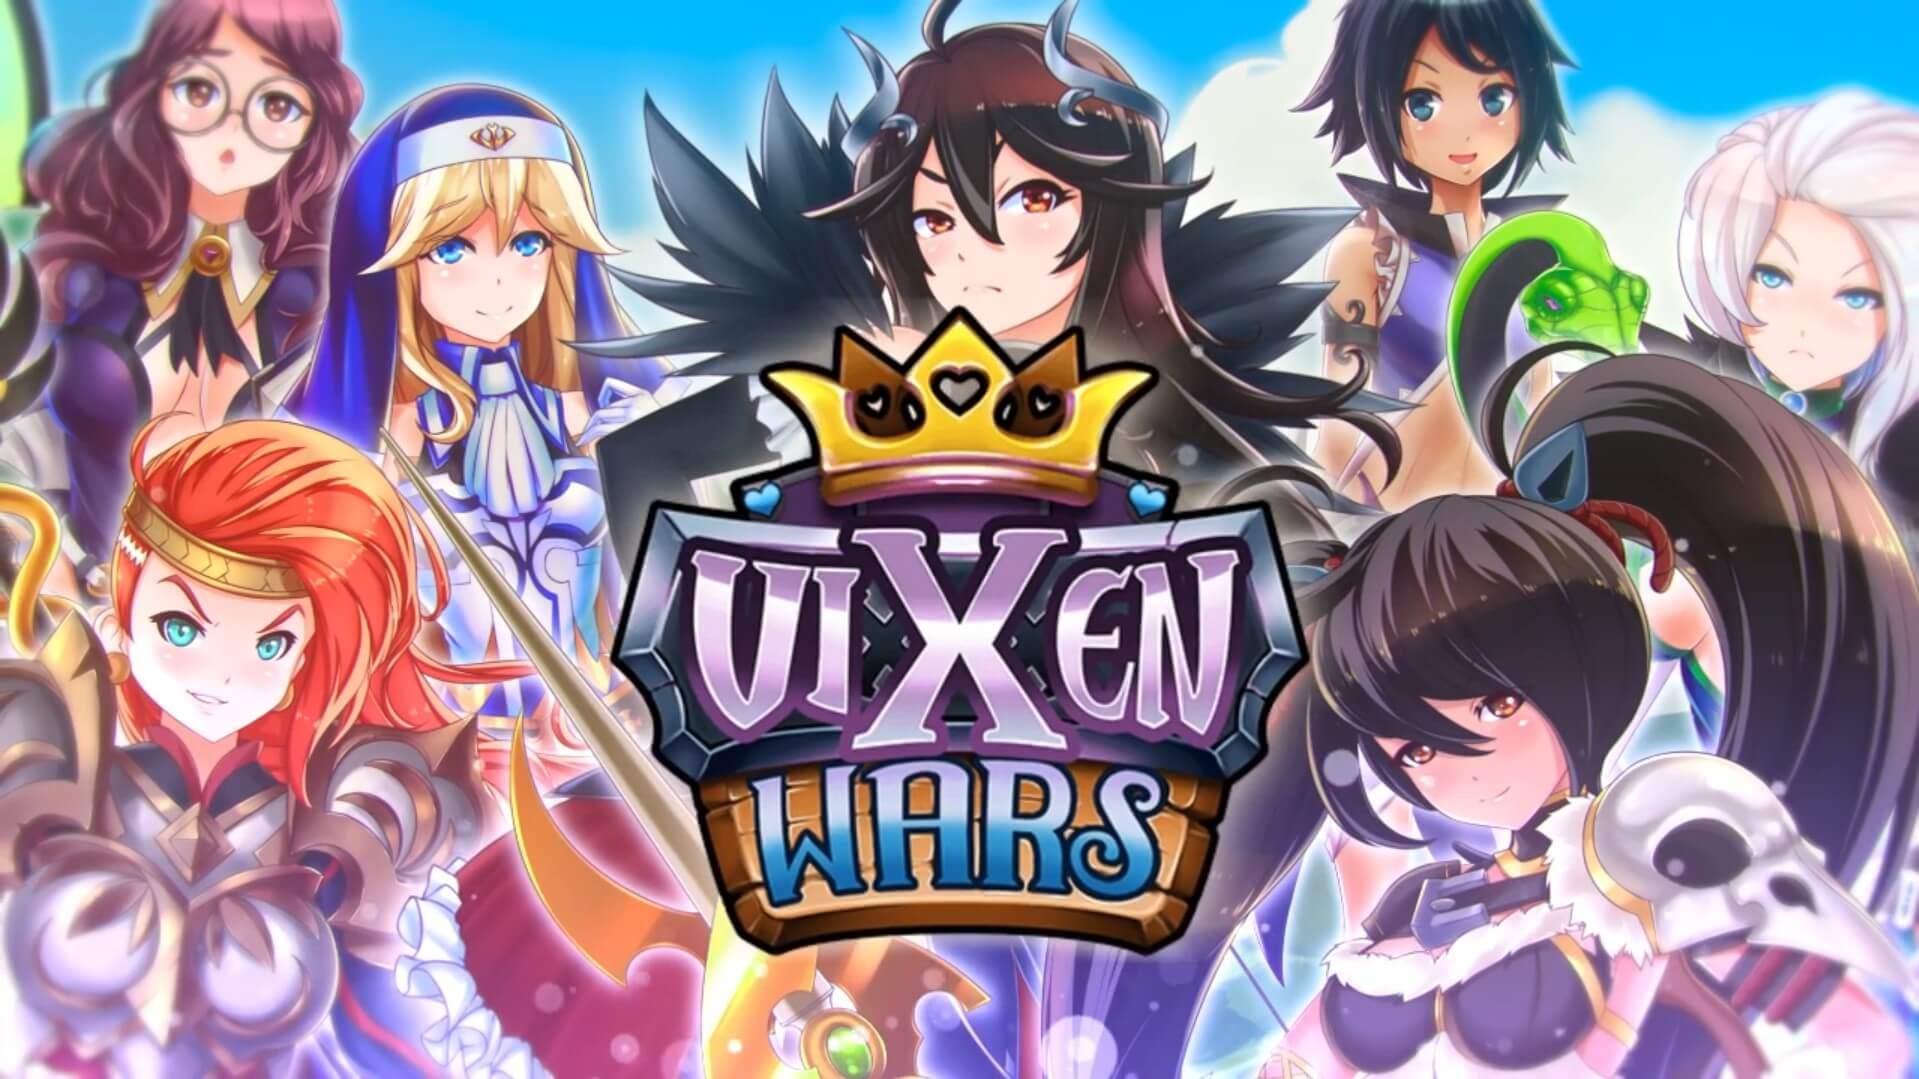 action-adventure Game - Vixen Wars